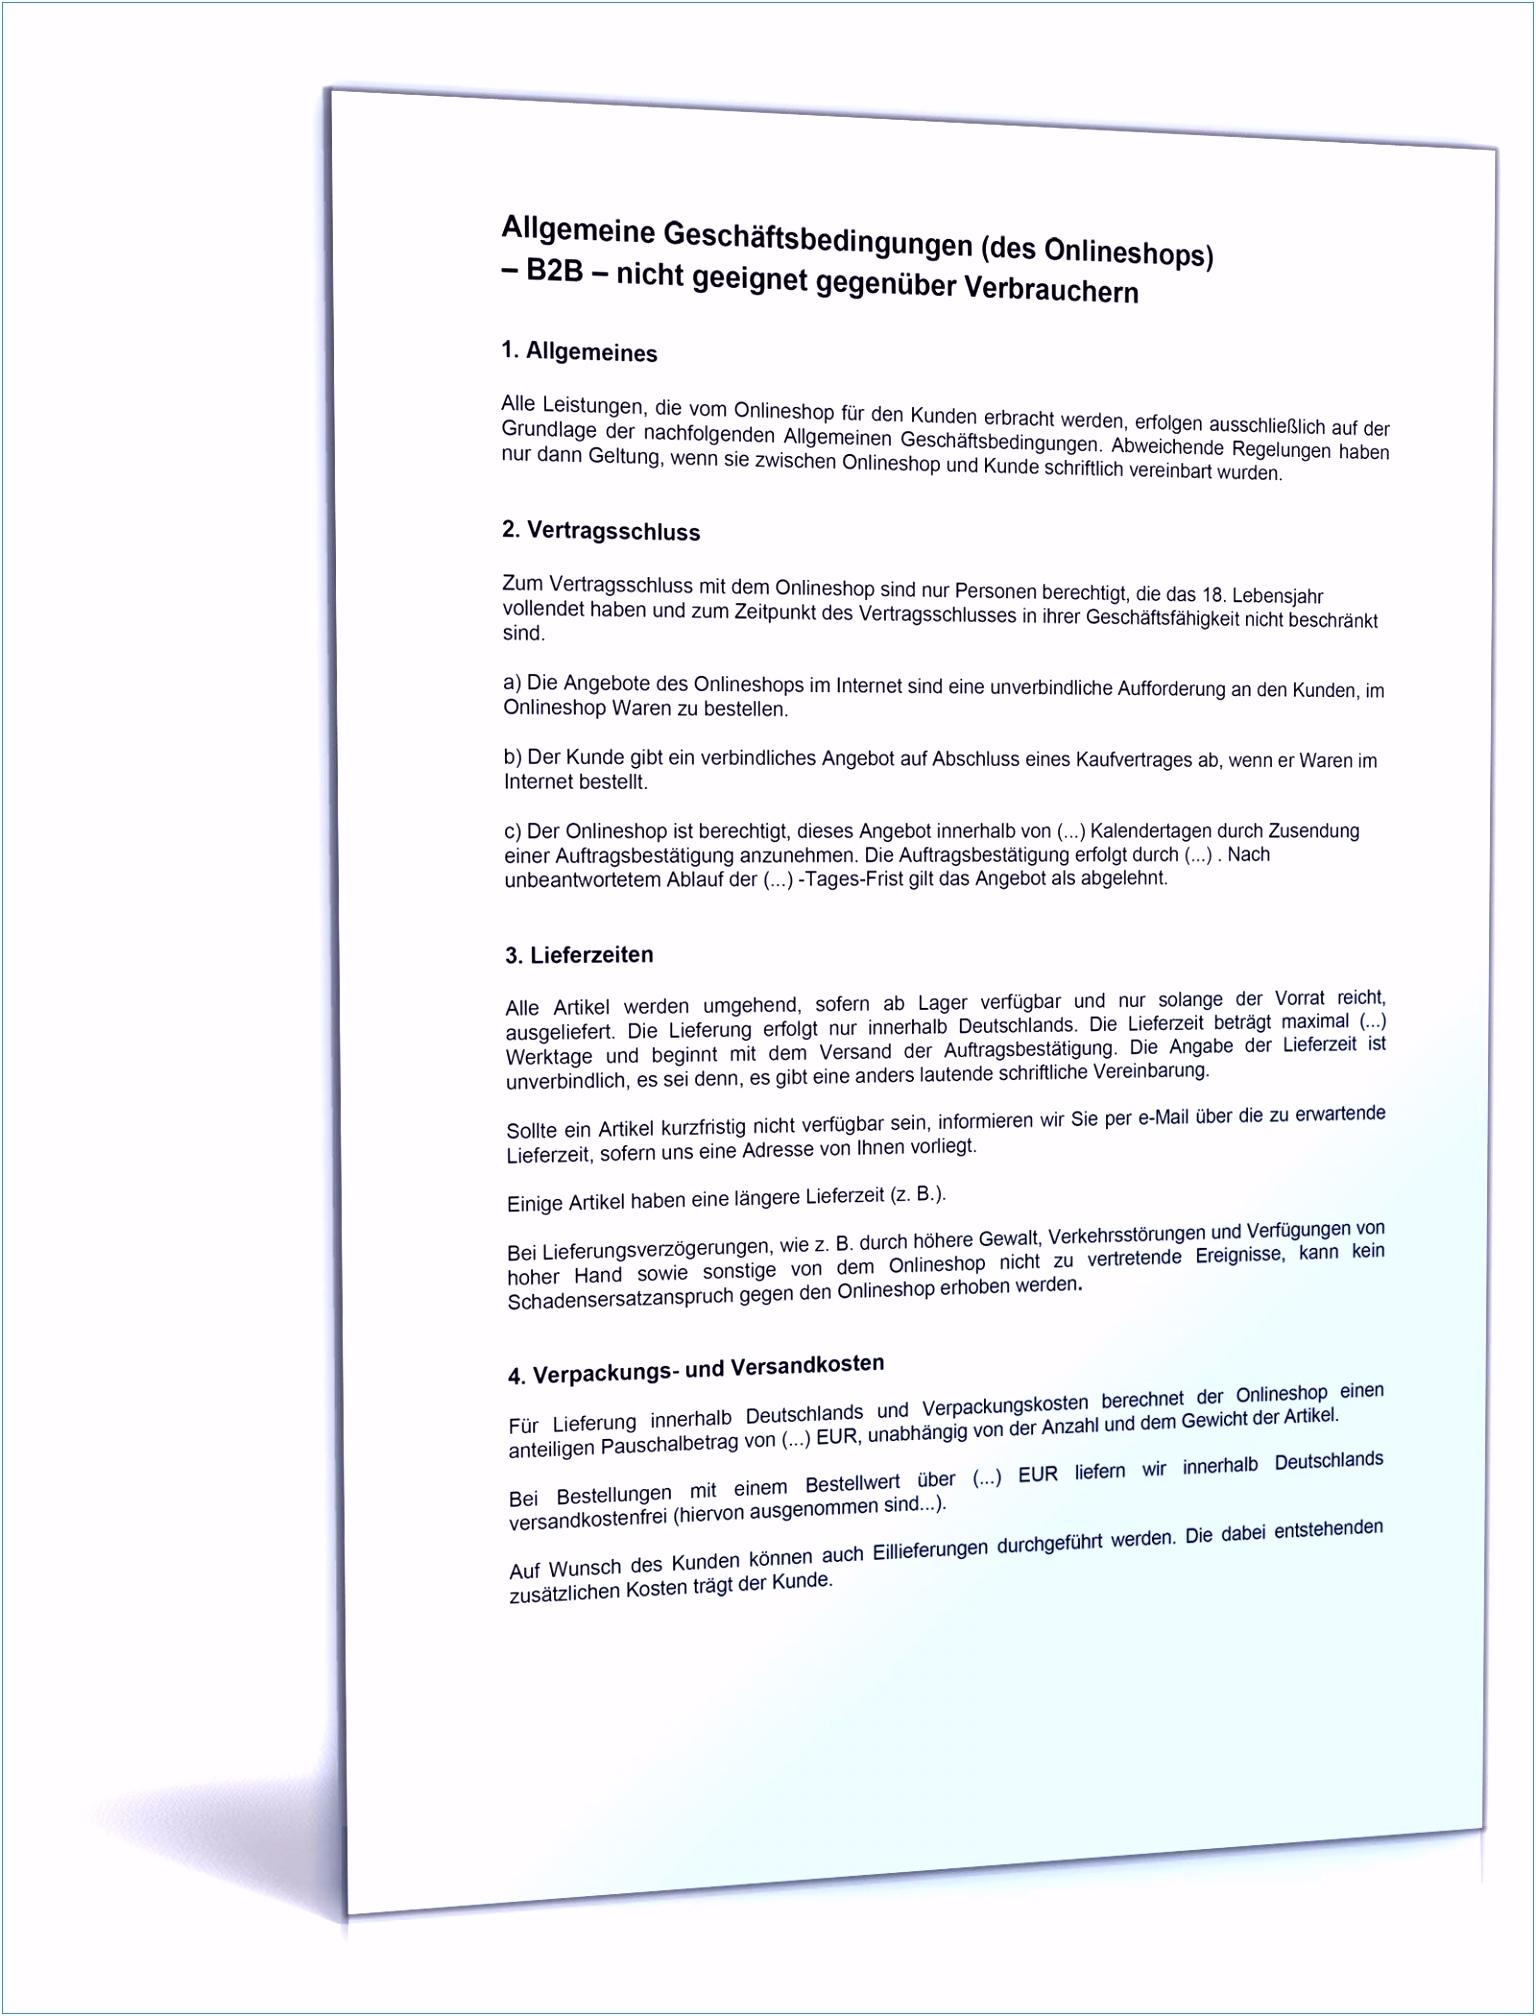 Datenschutz Vorlage Datenschutz Vorlage Frisch Agb Lineshop Muster — Omnomgno B1ie35hge3 B4ngmuivcs